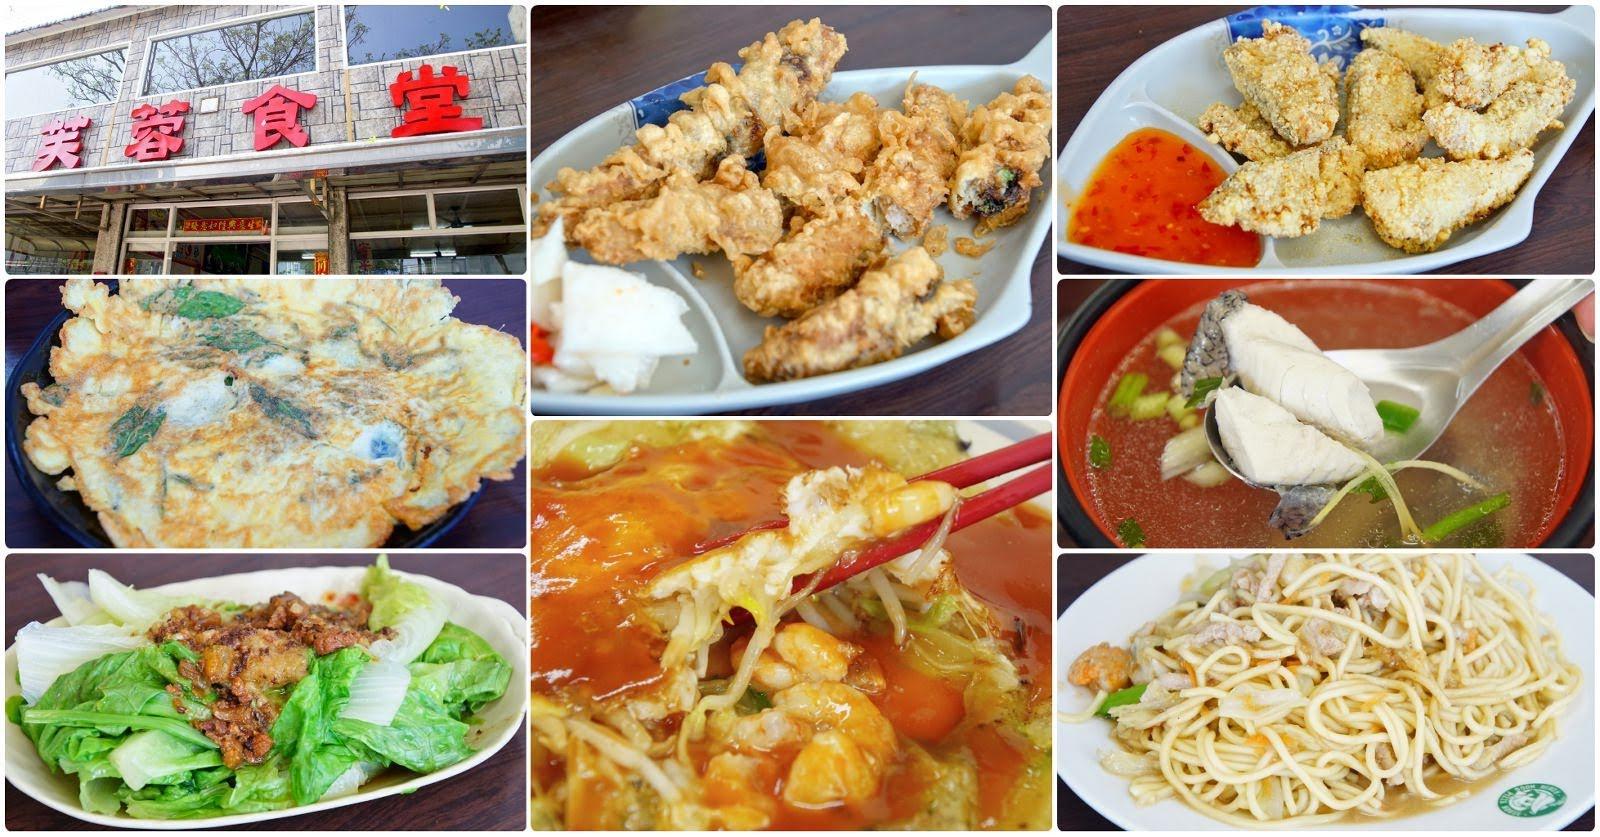 [台南][安平區] 芙蓉食堂 在地的美味食堂 食記